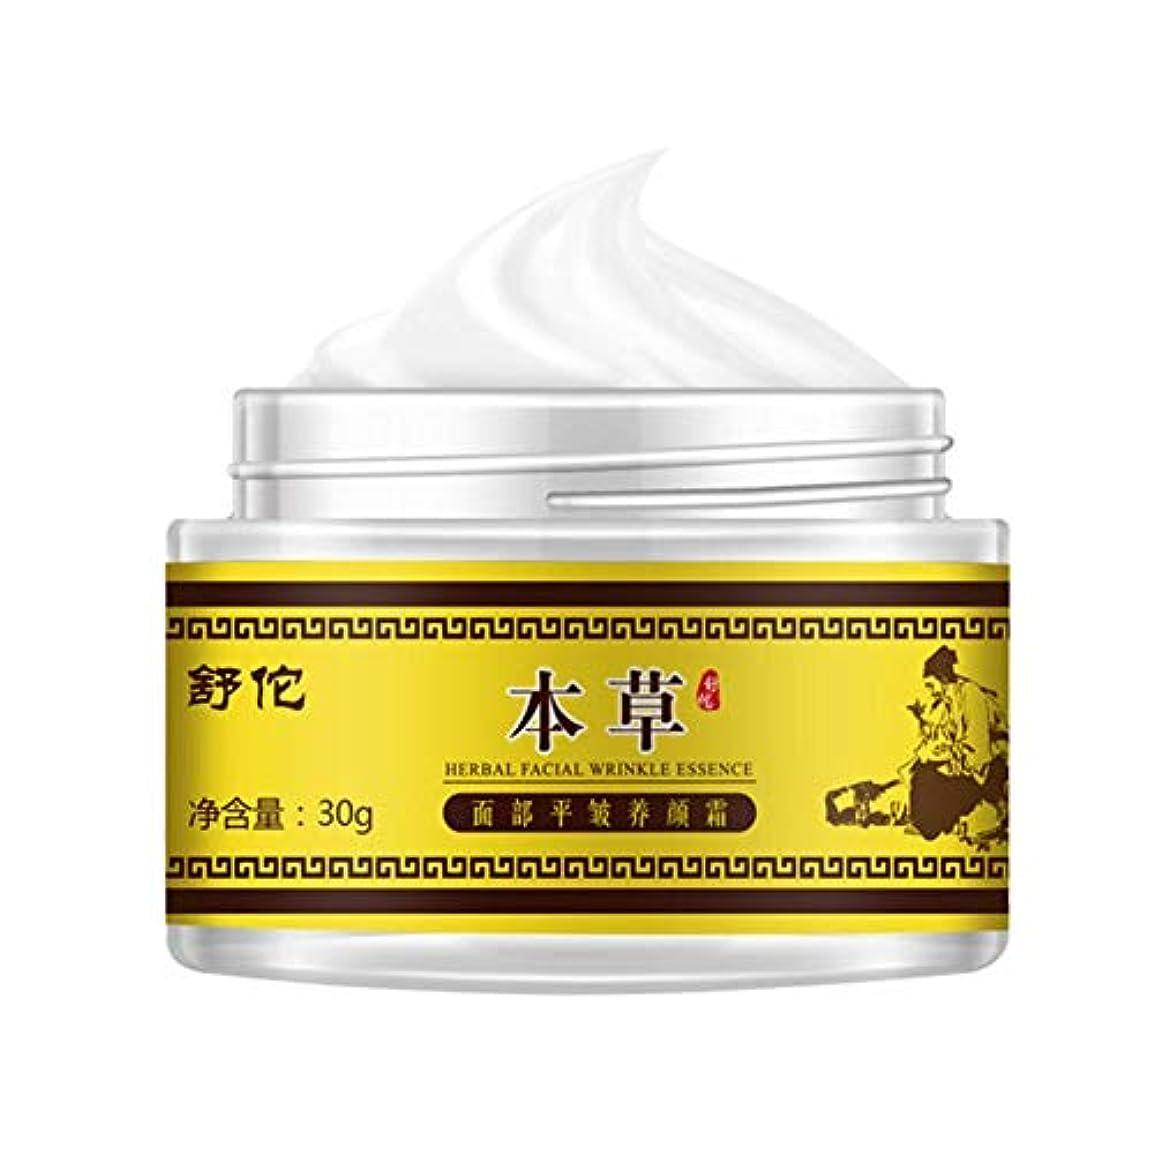 放射性スロベニア散文BETTER YOU (ベター ュー) 本草 面部 養顔クリーム しわ取り 細目を淡化する ハイライト 潤い 修復 保湿 補水 クリーム